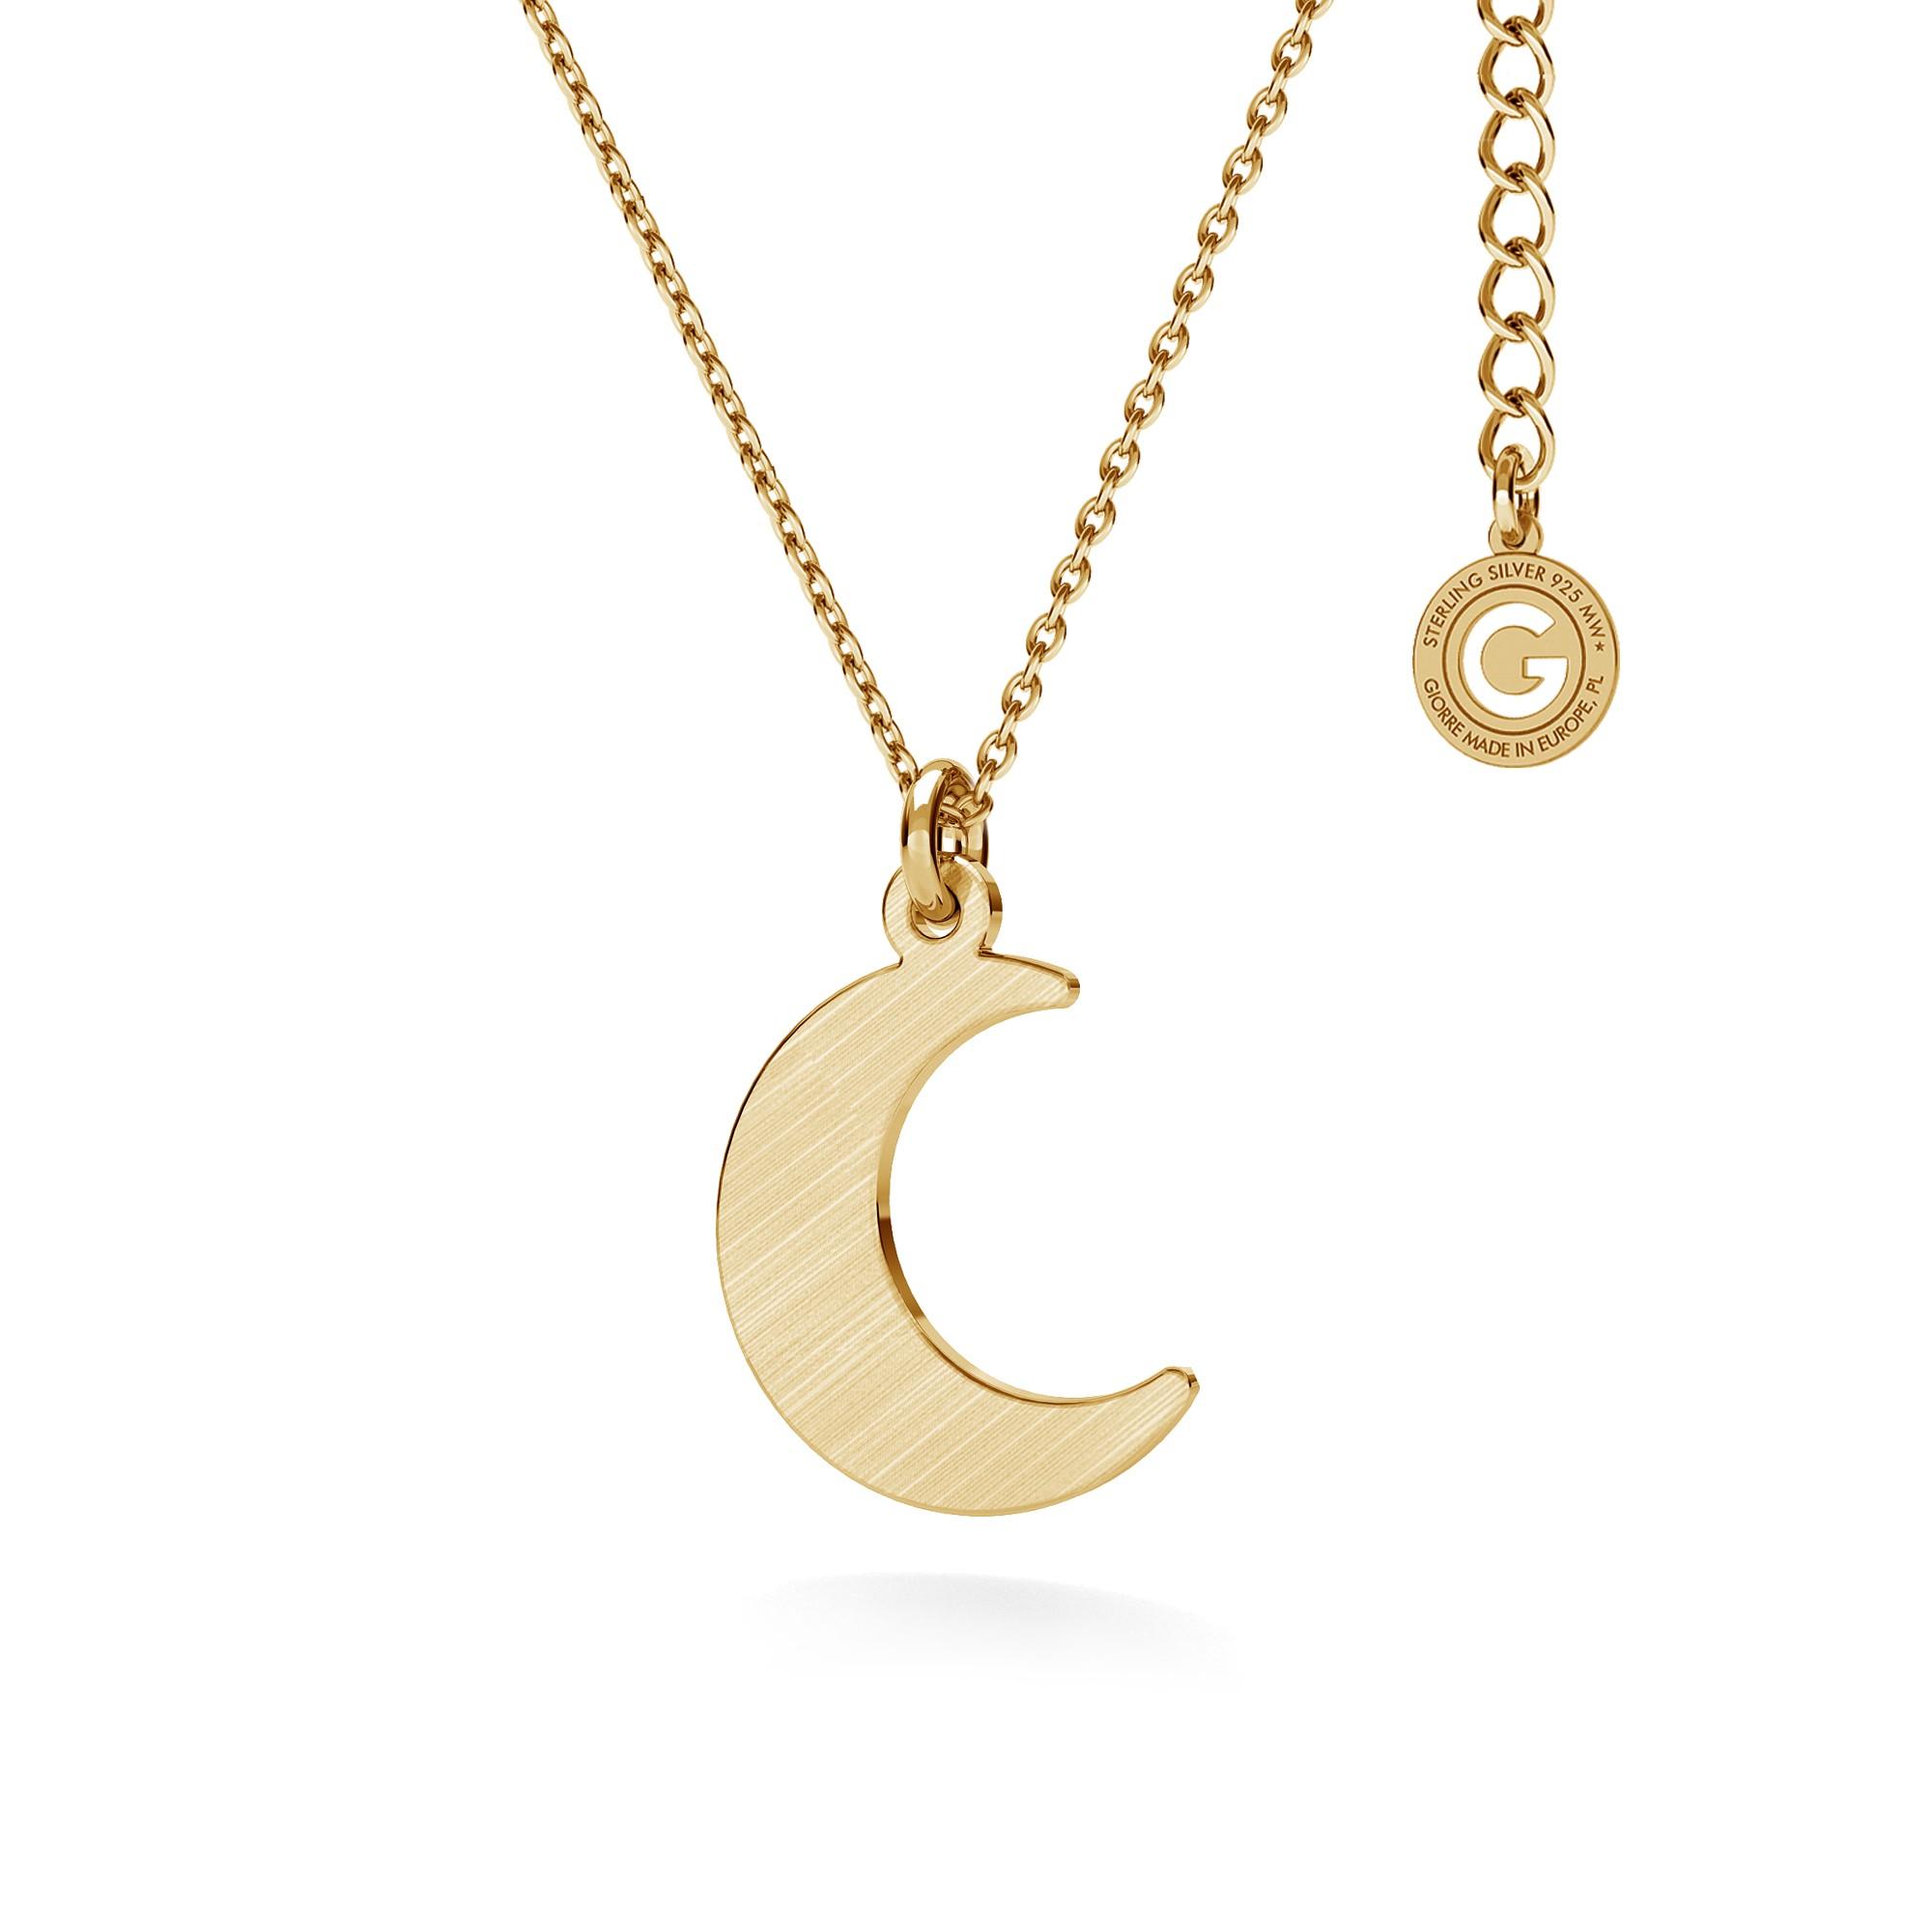 Srebrny naszyjnik mały księżyc, srebro 925 satynowane